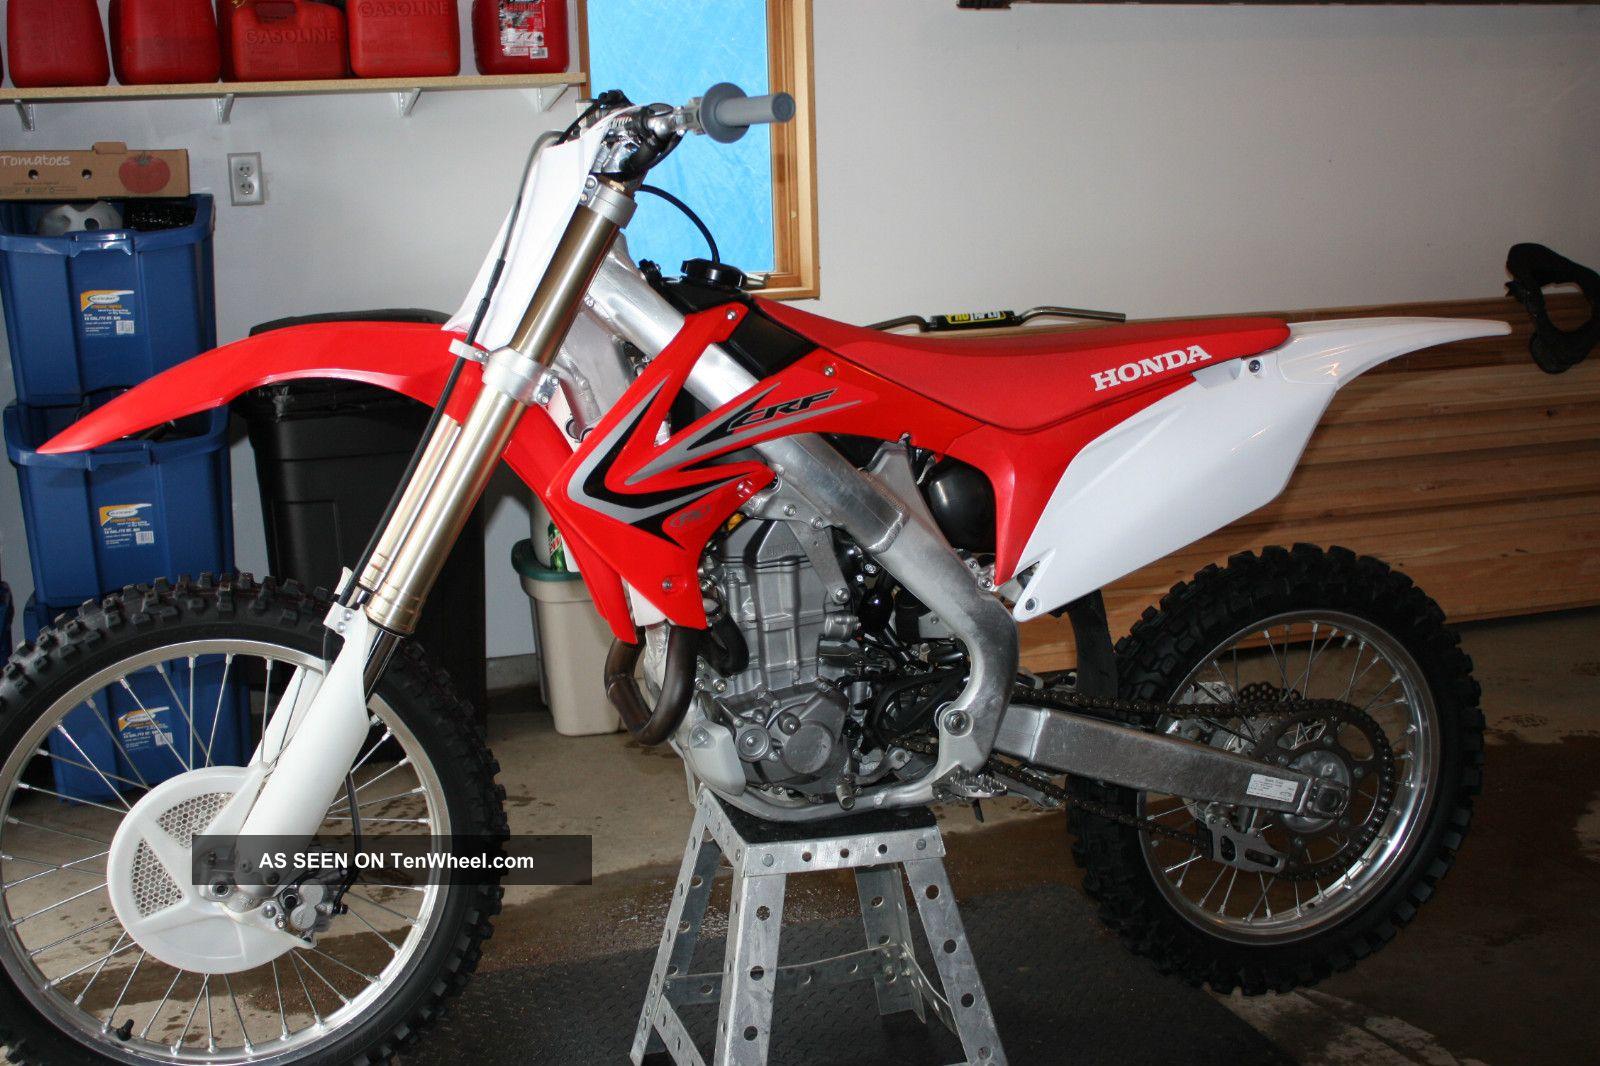 2012 Honda Crf 450r Motorcycle CRF photo